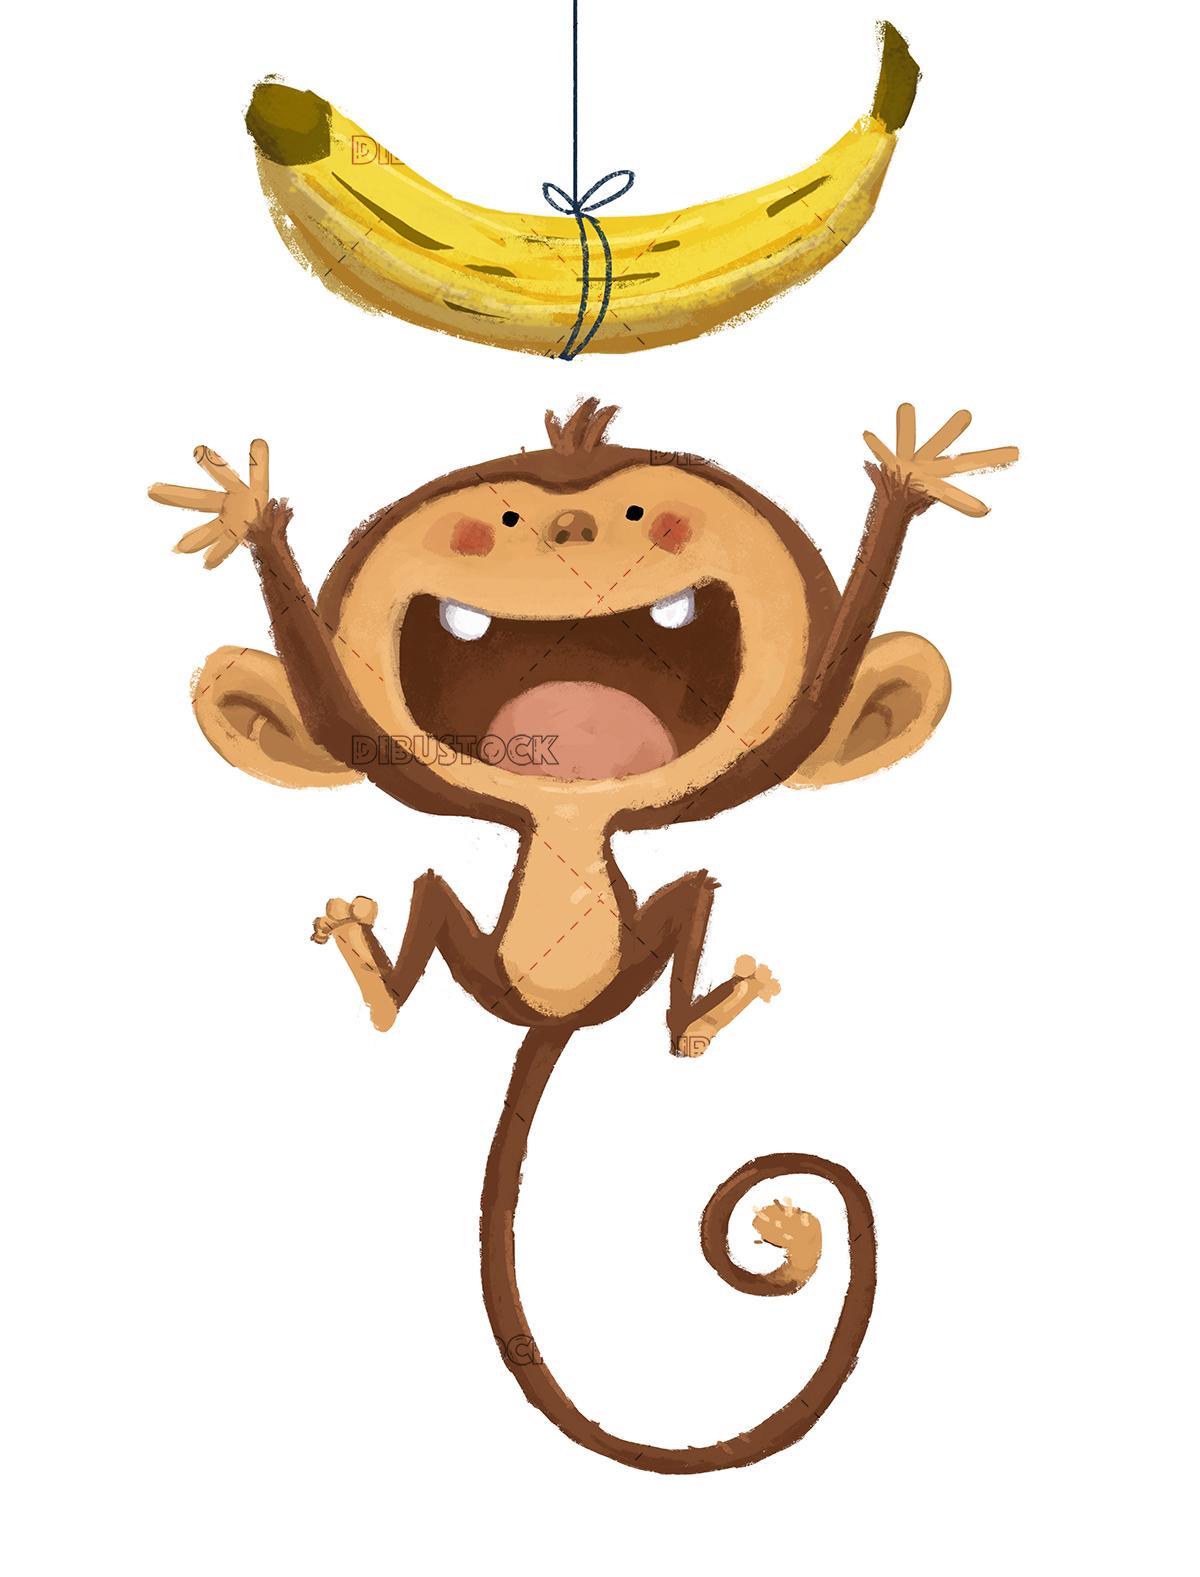 Monkey jumping white background